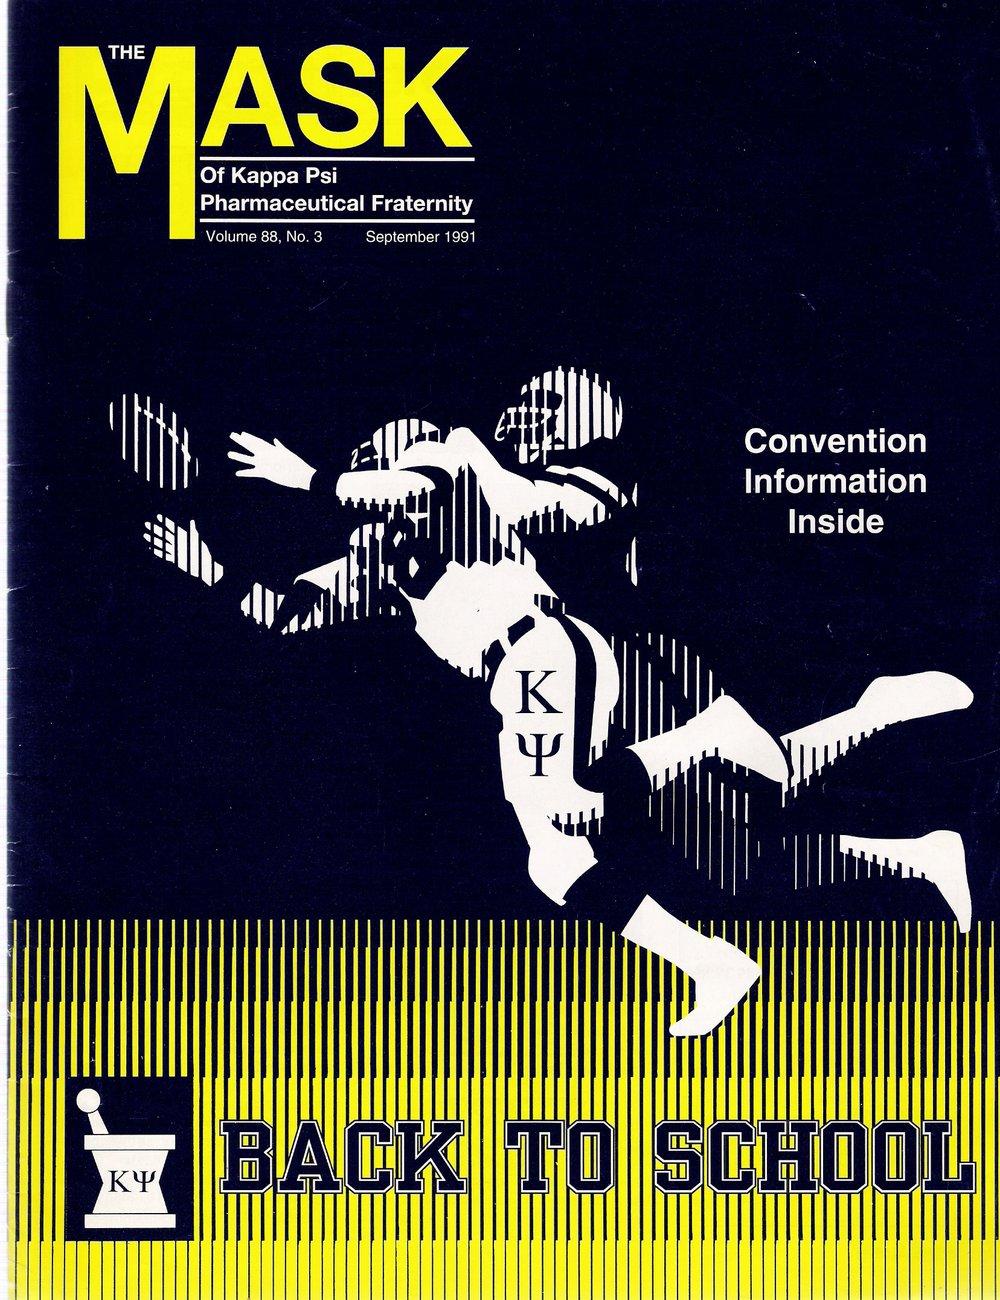 mask_cover_09_1991.jpg